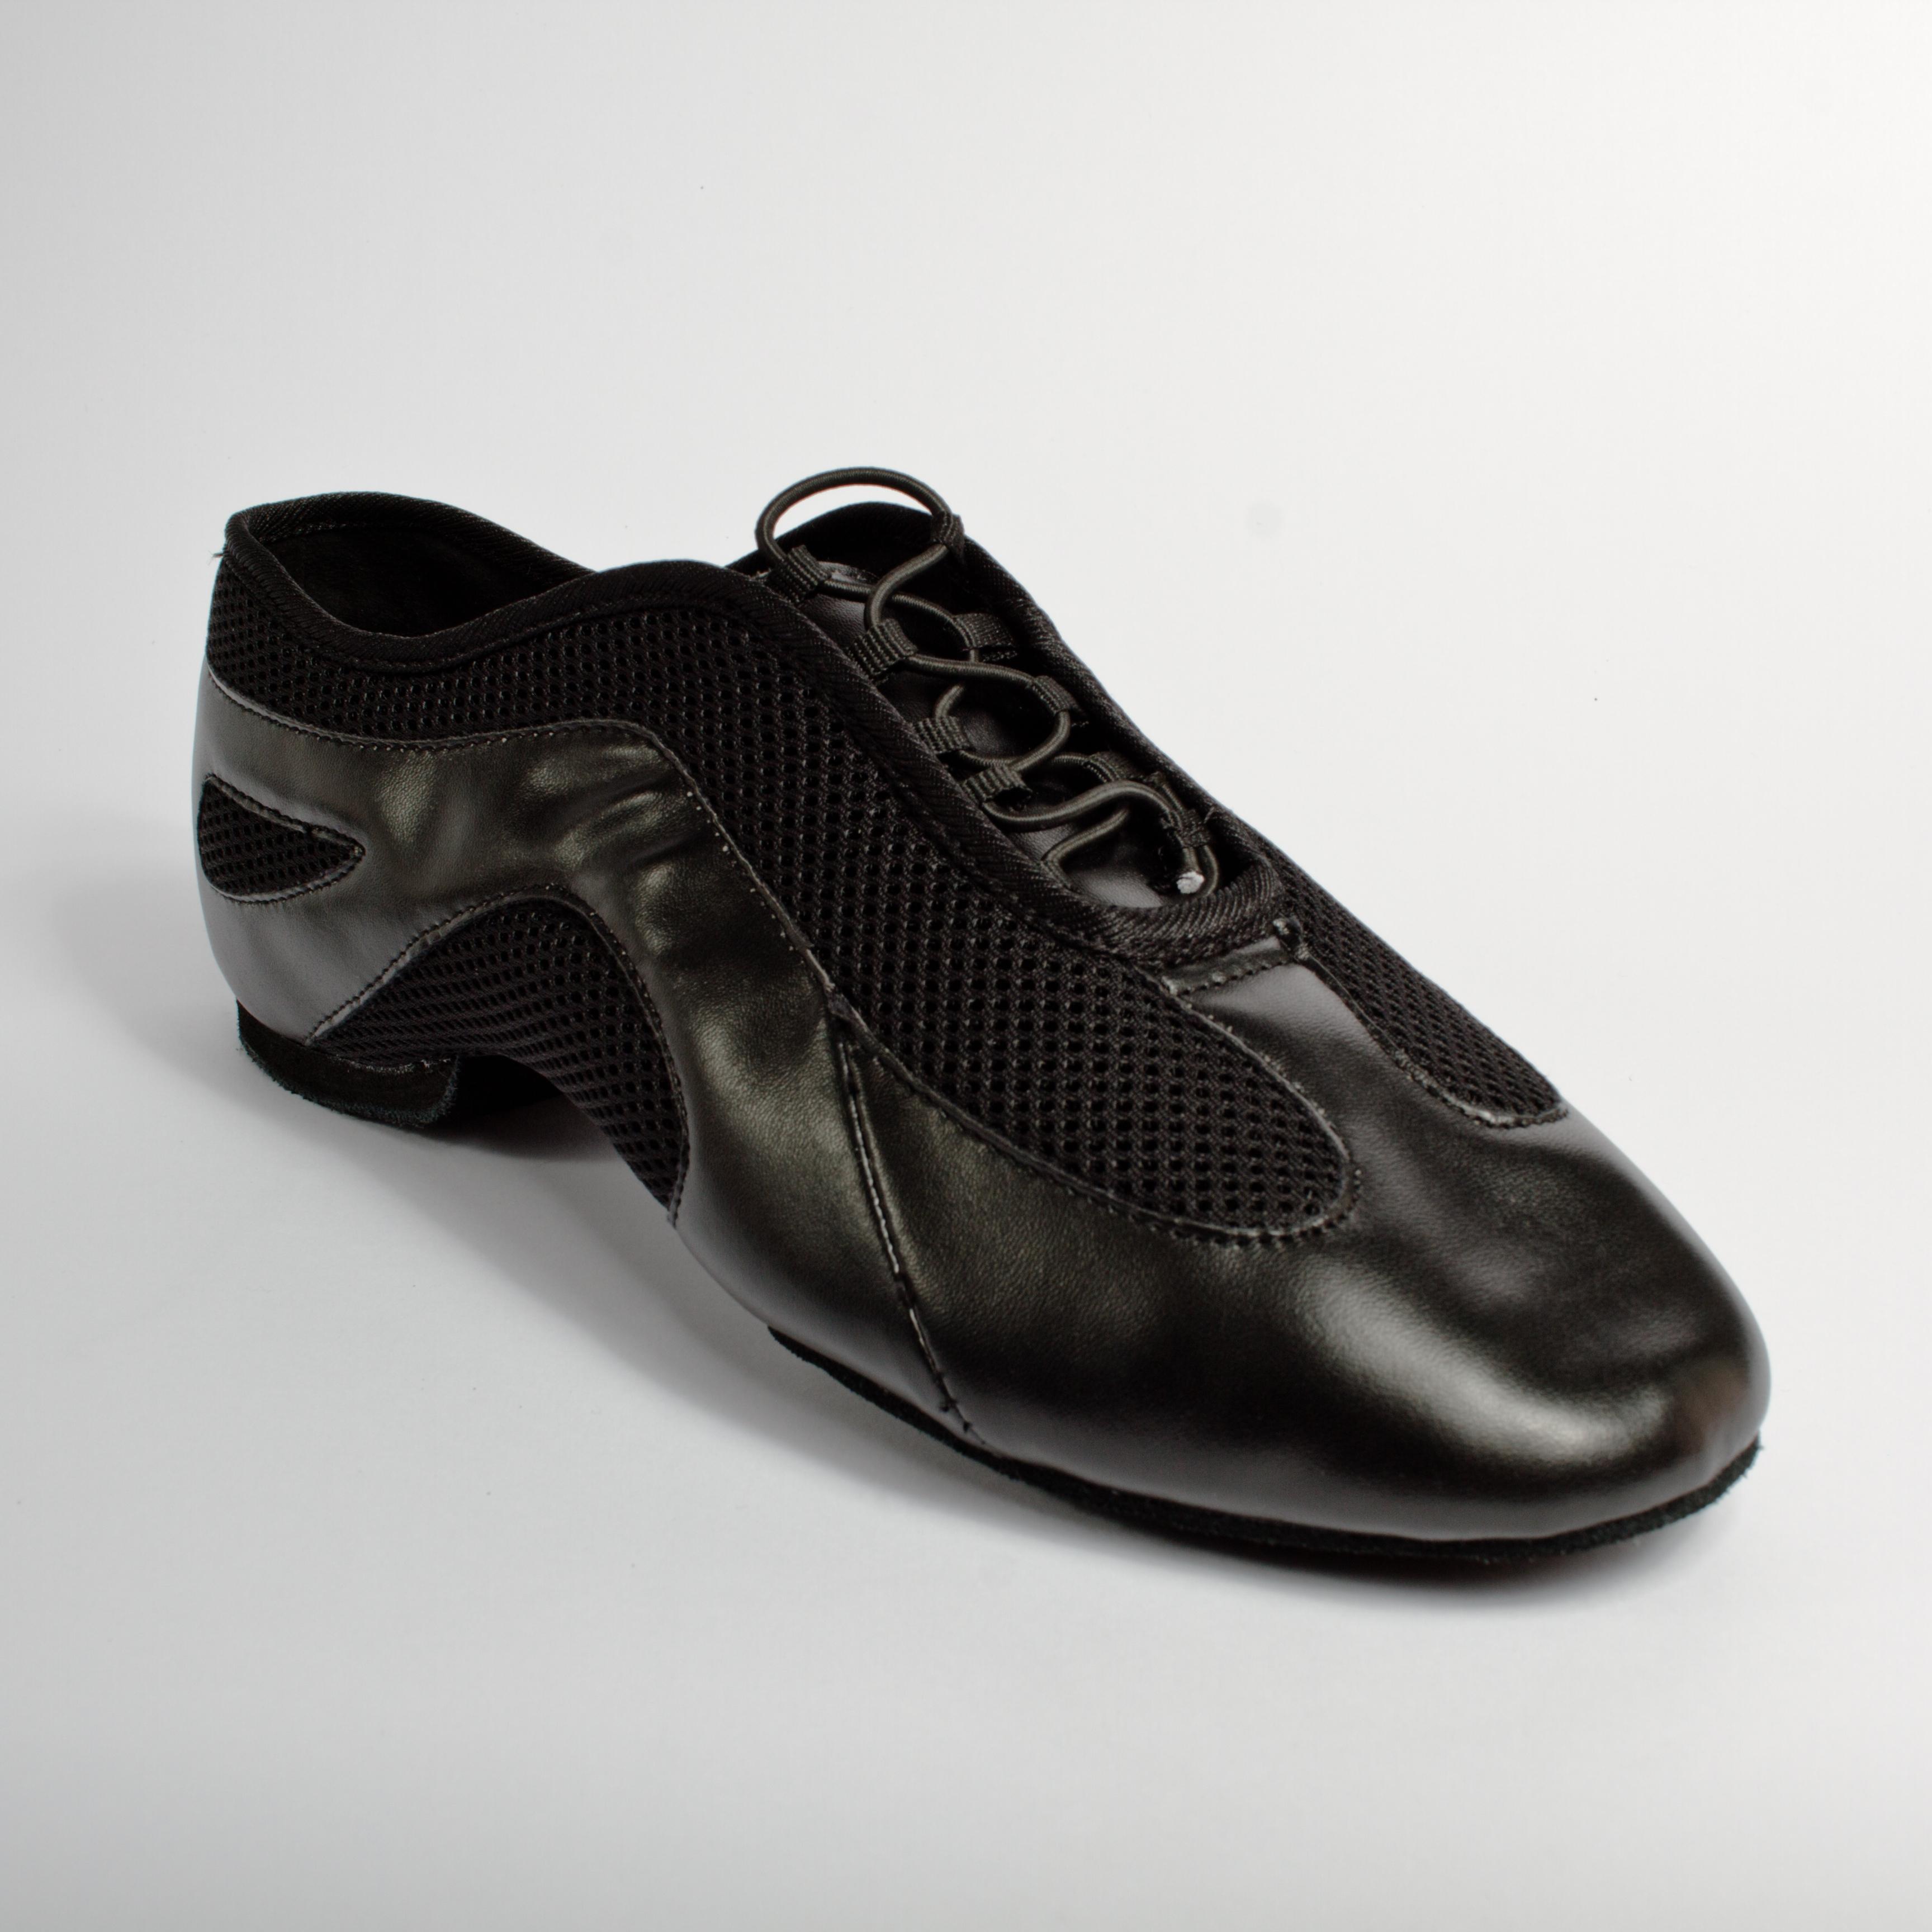 נעל ג'אז סופט לגברים